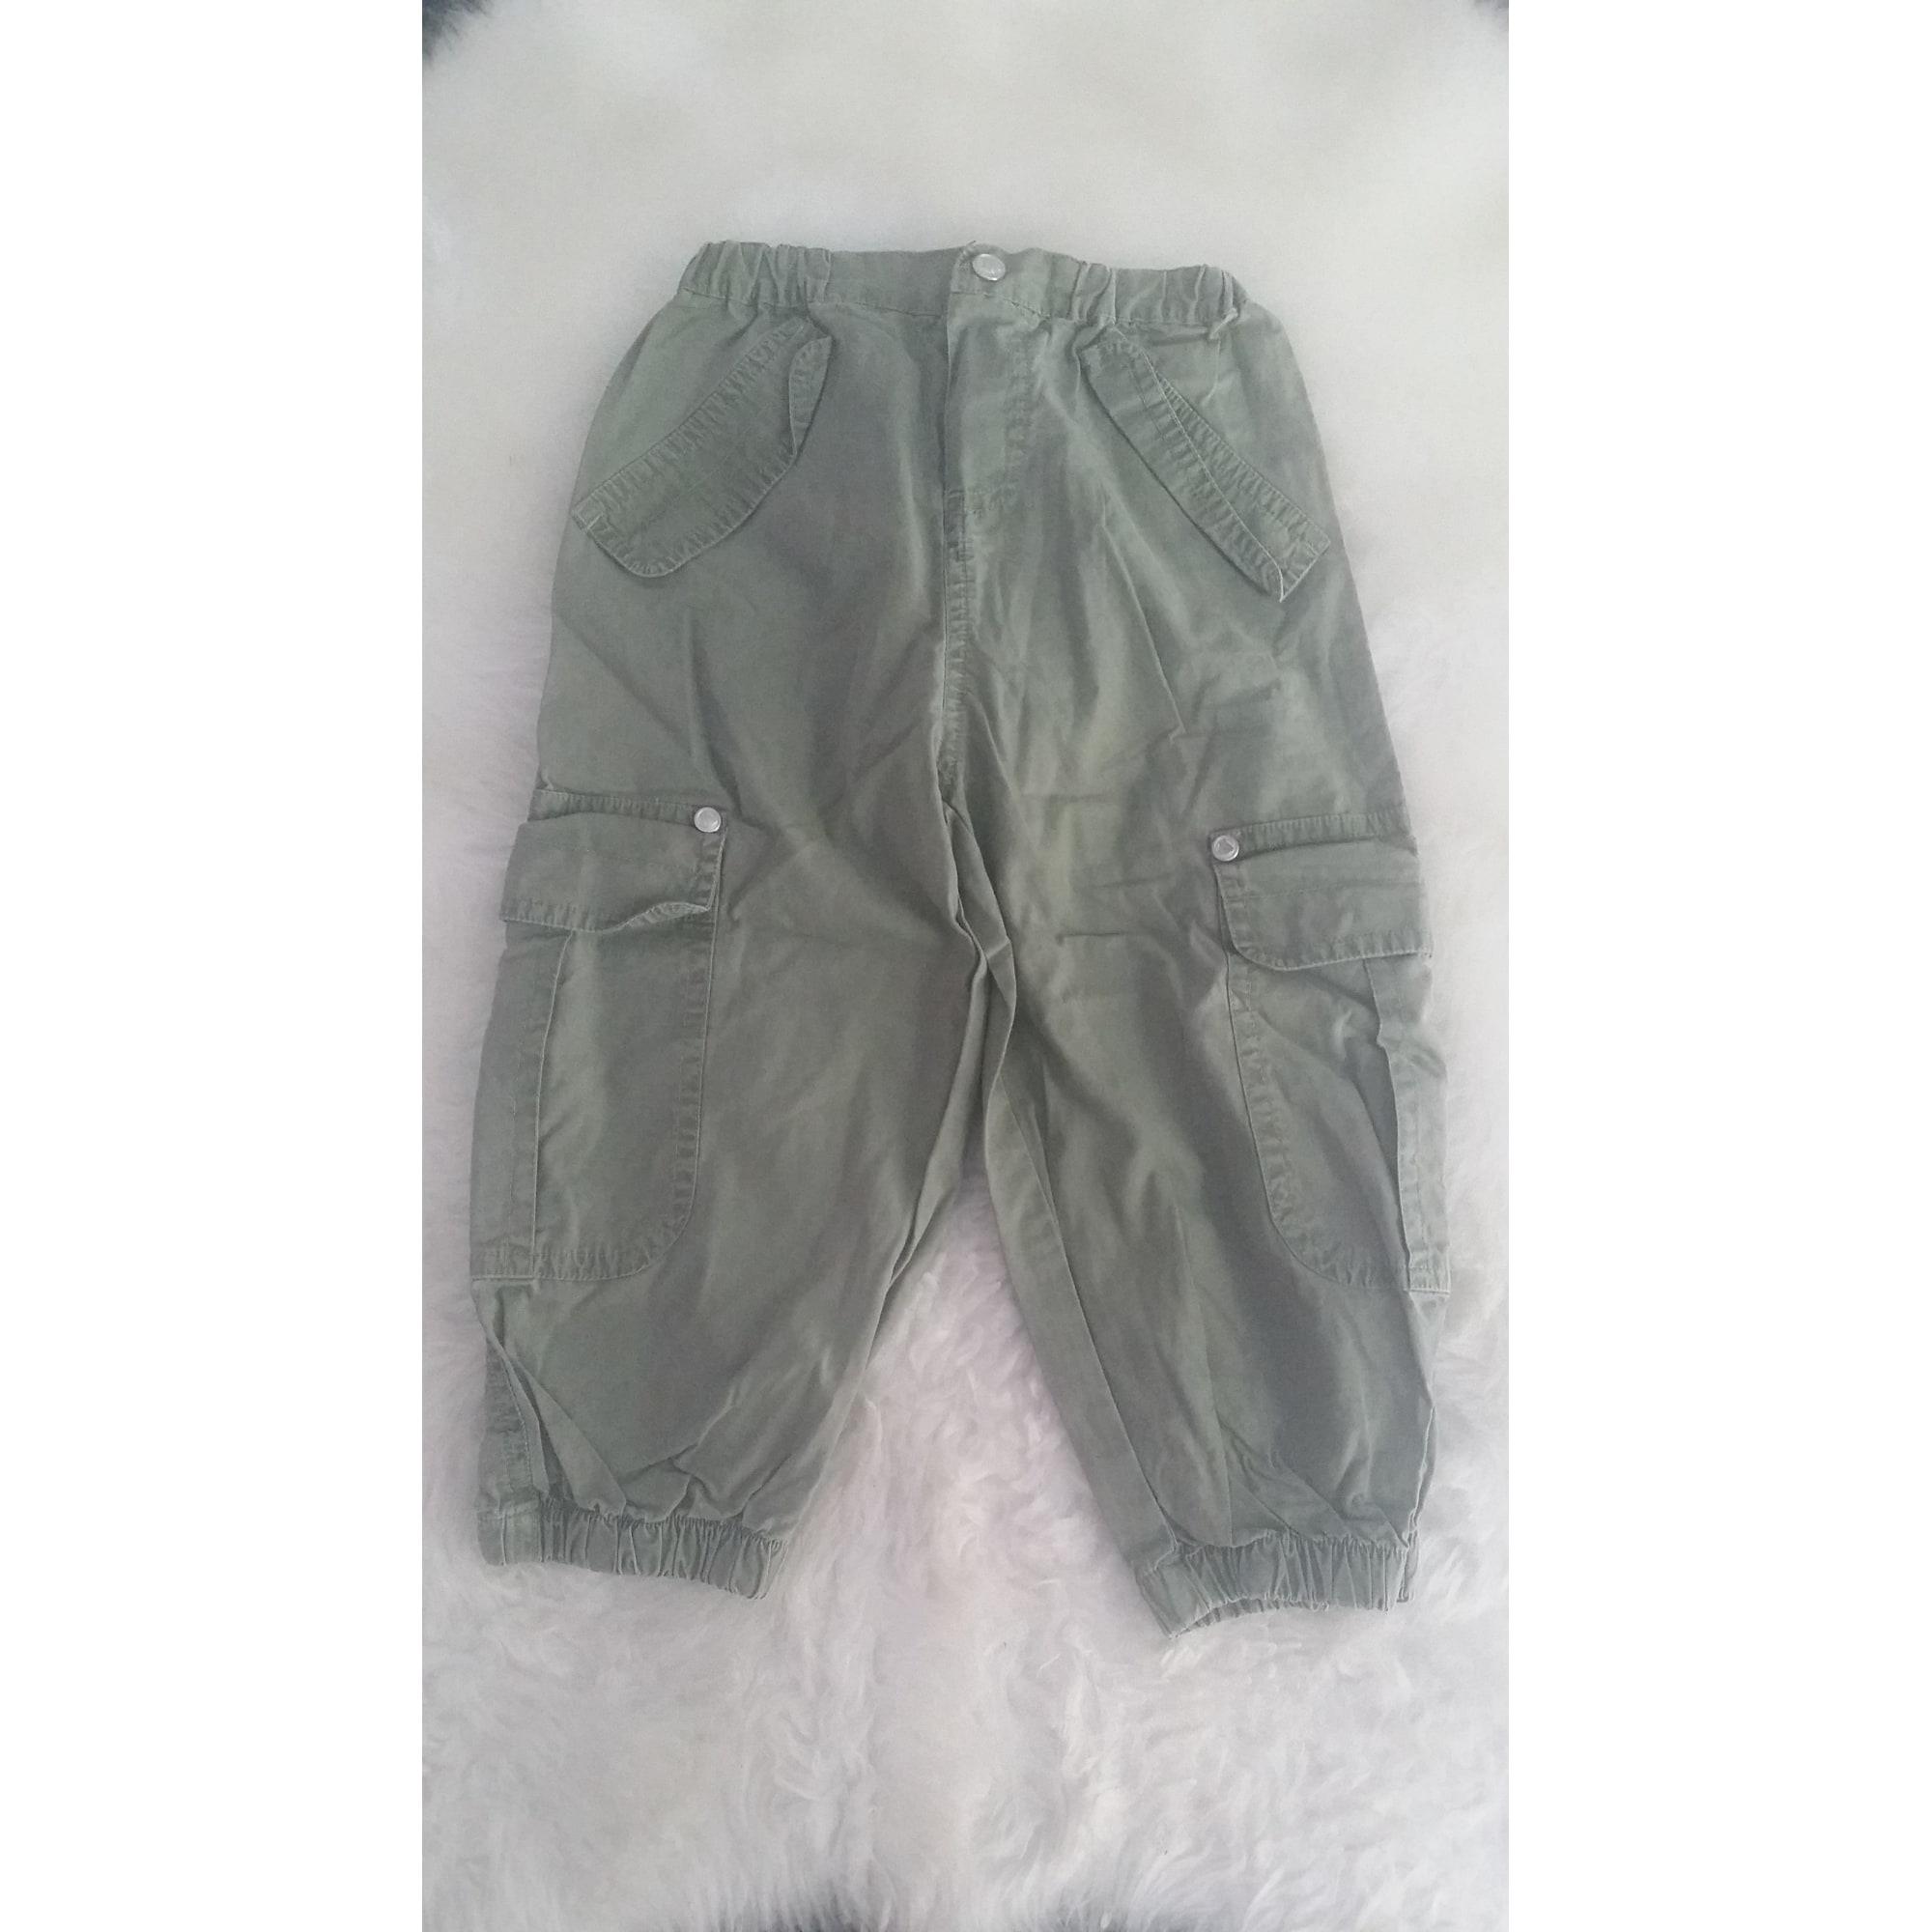 Pantalon PETIT BATEAU Kaki